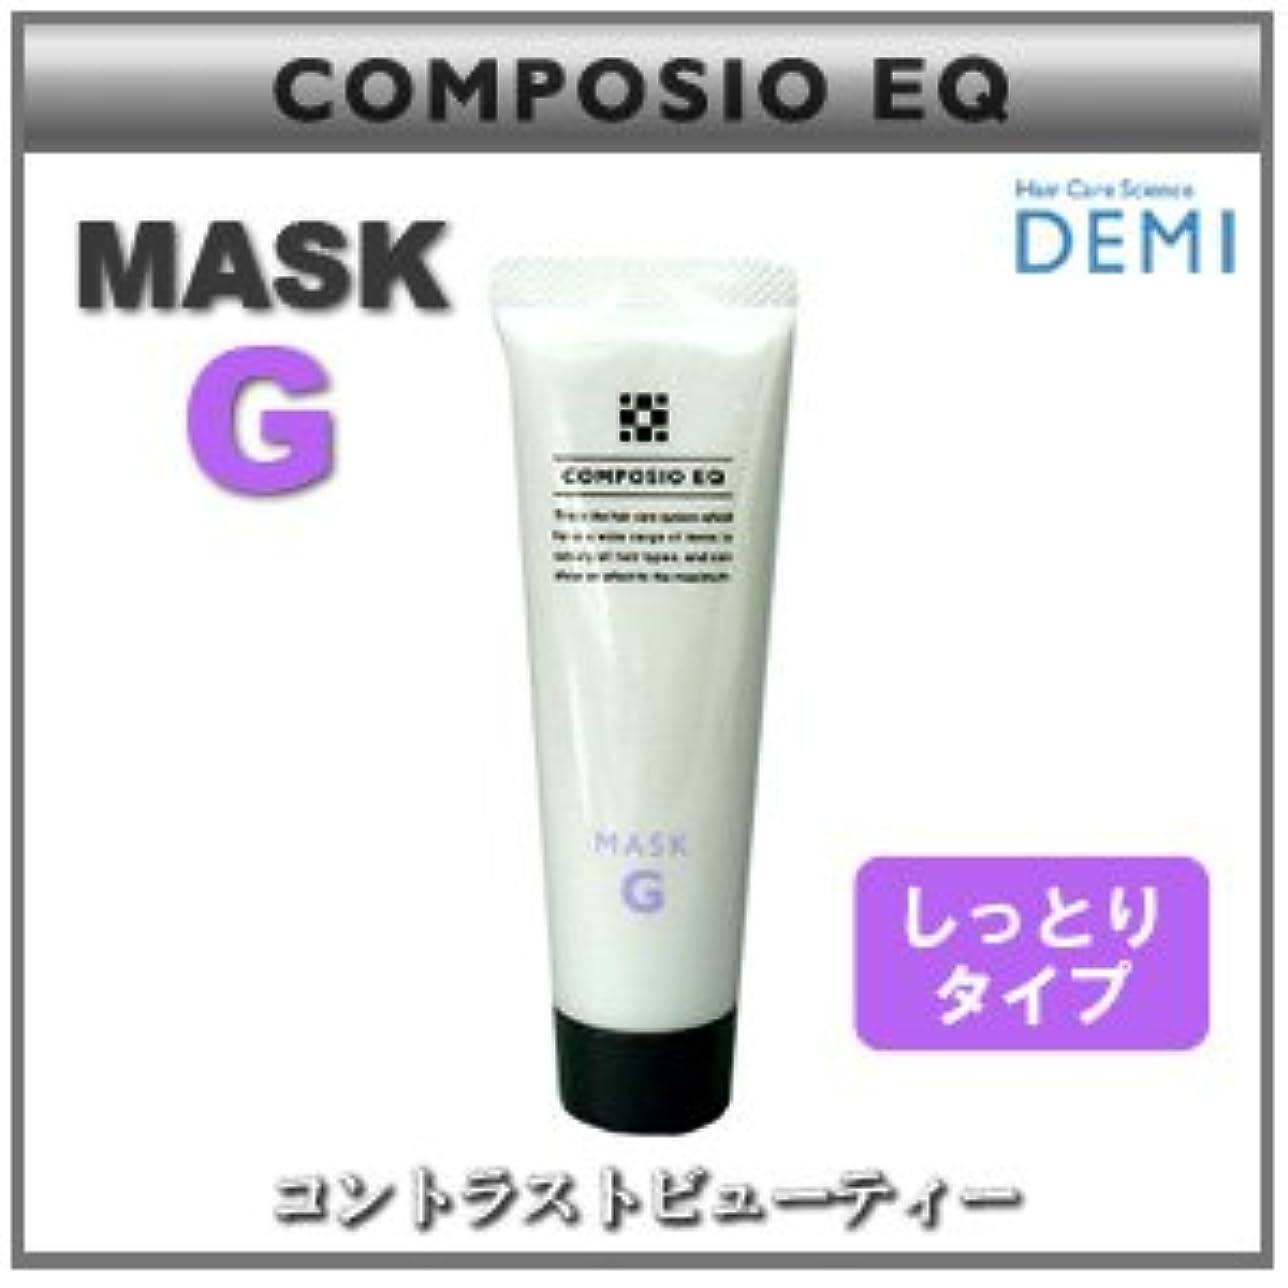 これら健康的バブル【X5個セット】 デミ コンポジオ EQ マスク G 50g